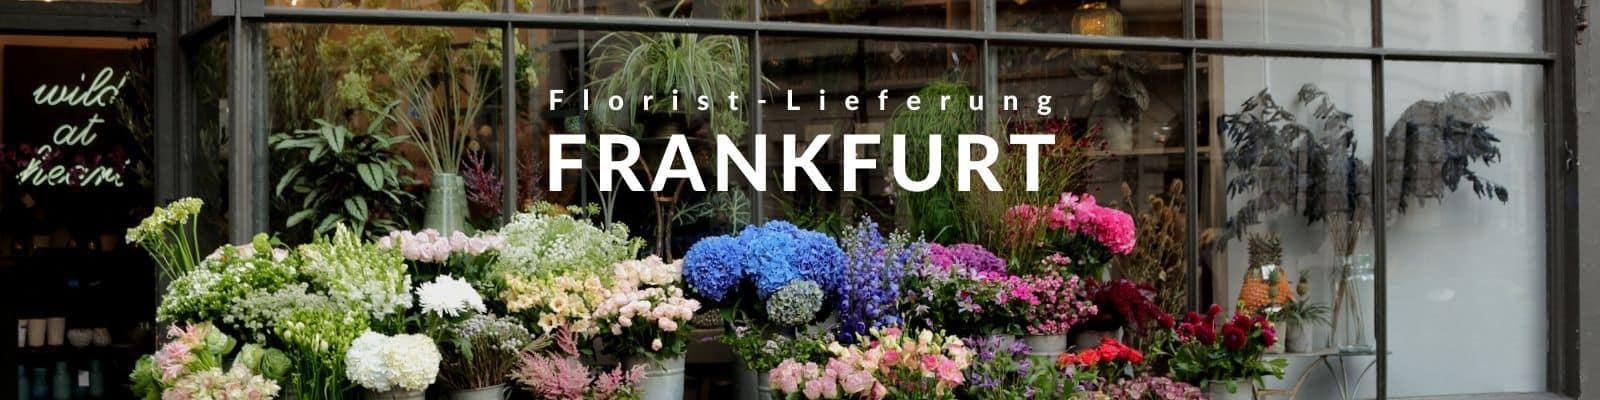 Blumen verschicken Frankfurt - Blumenversand Express